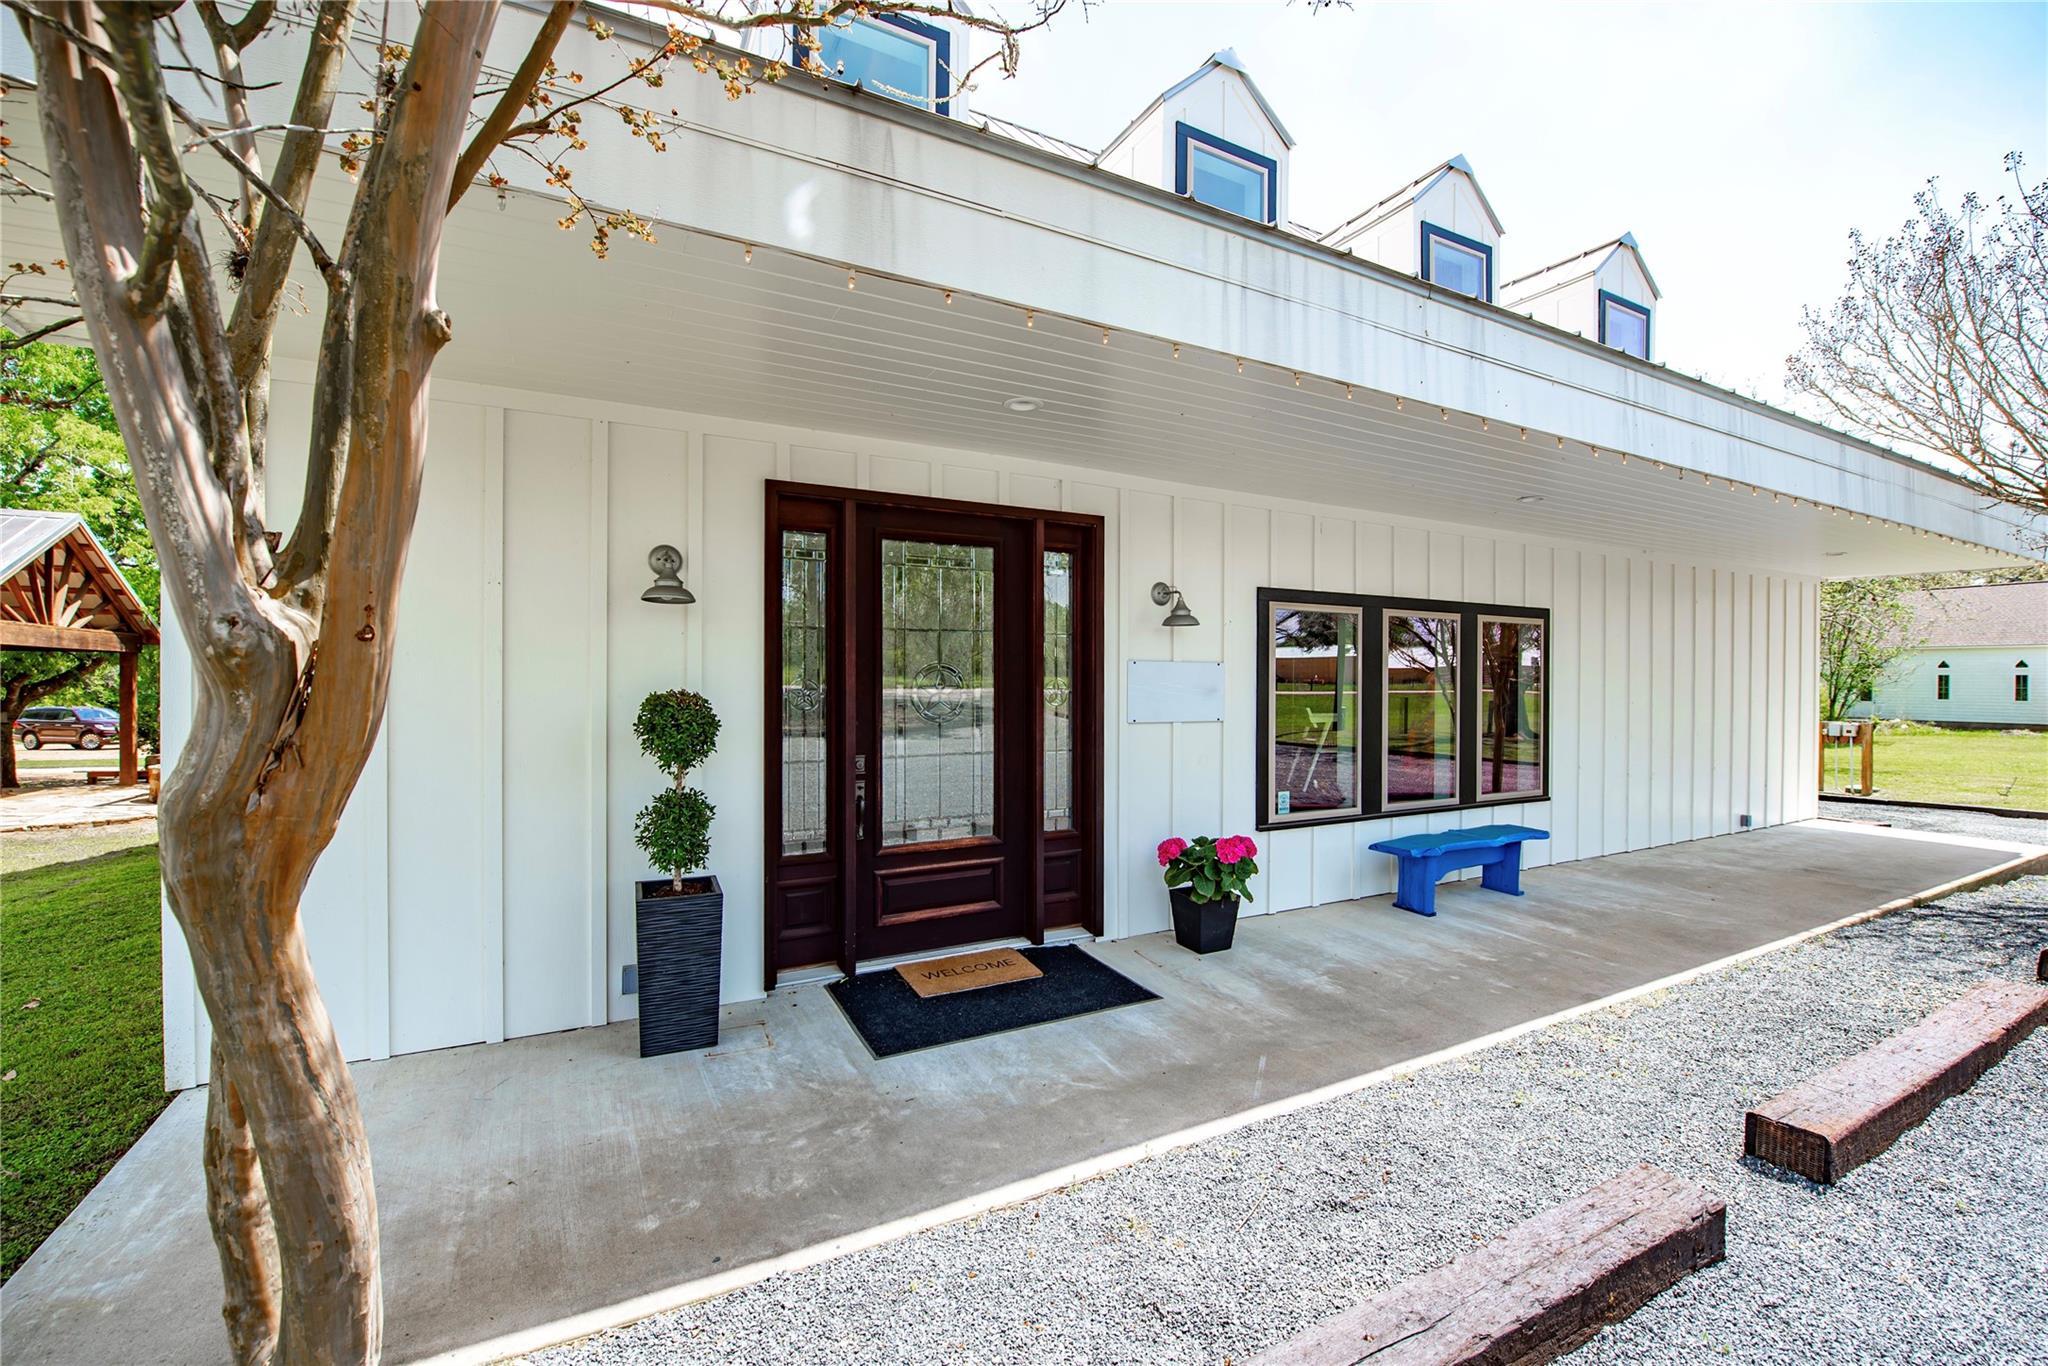 453 N Washington Property Photo